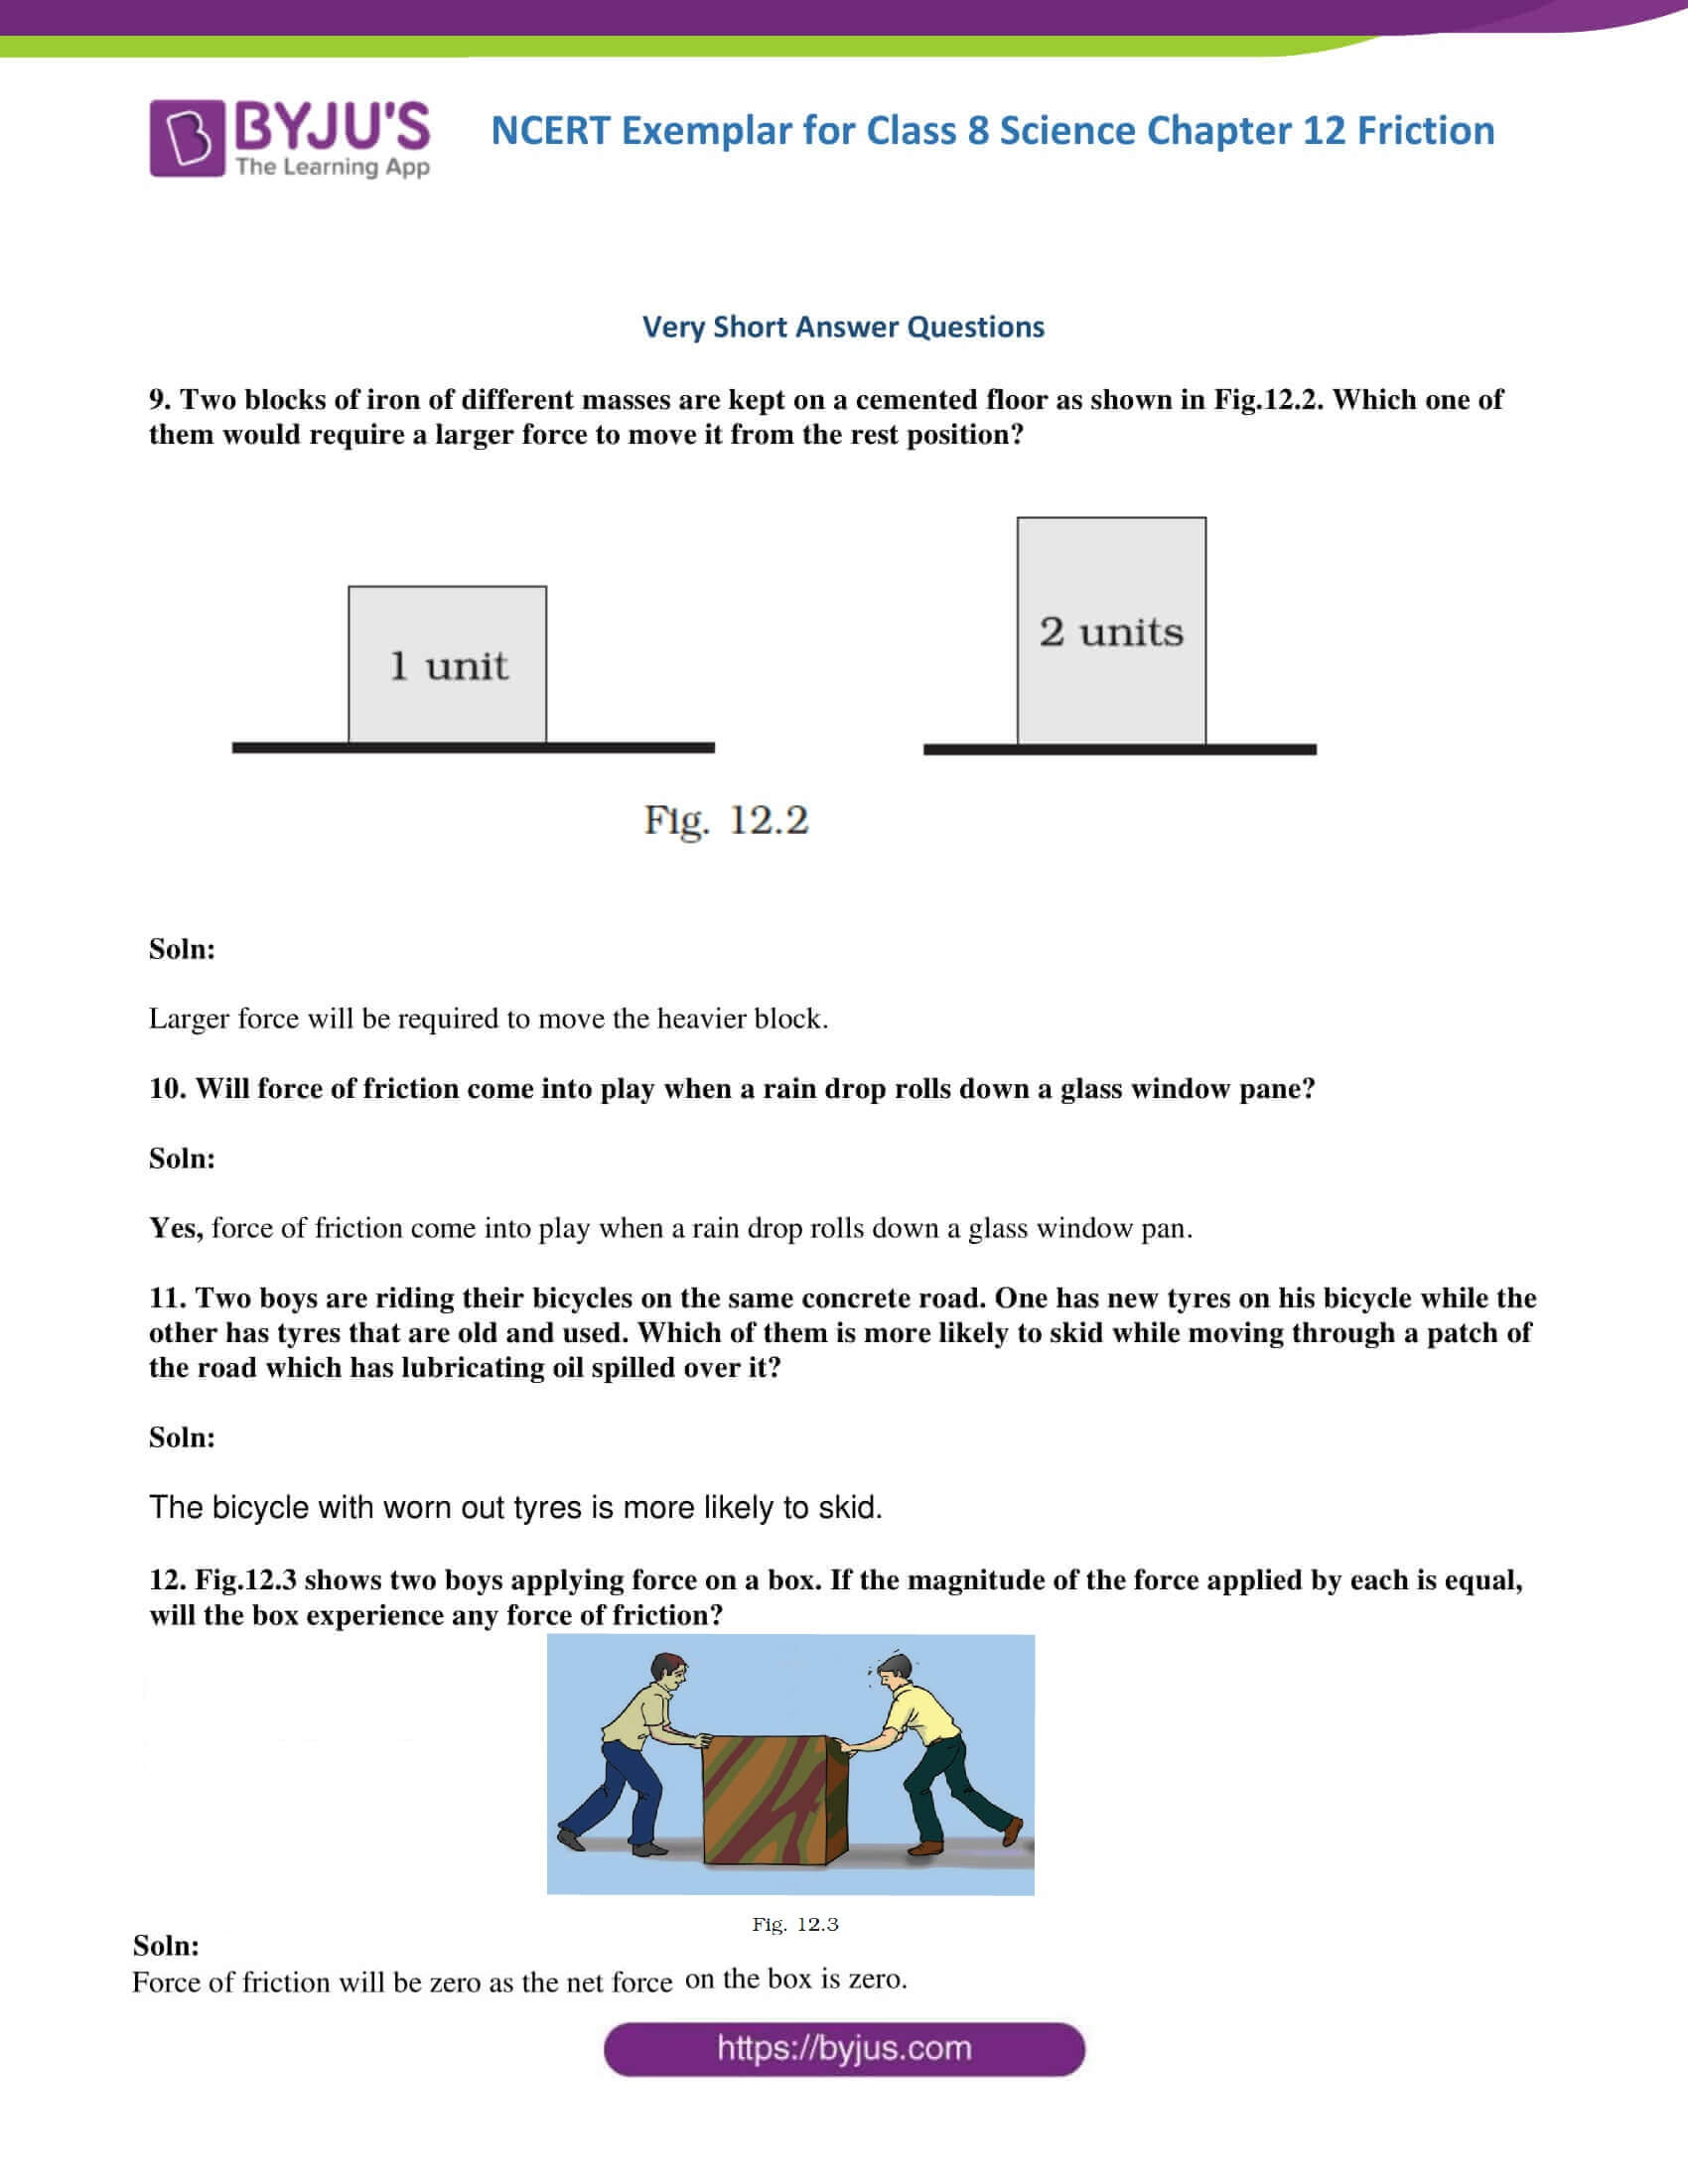 NCERT Exemplar solution class 8 Science Chapter 12 part 4